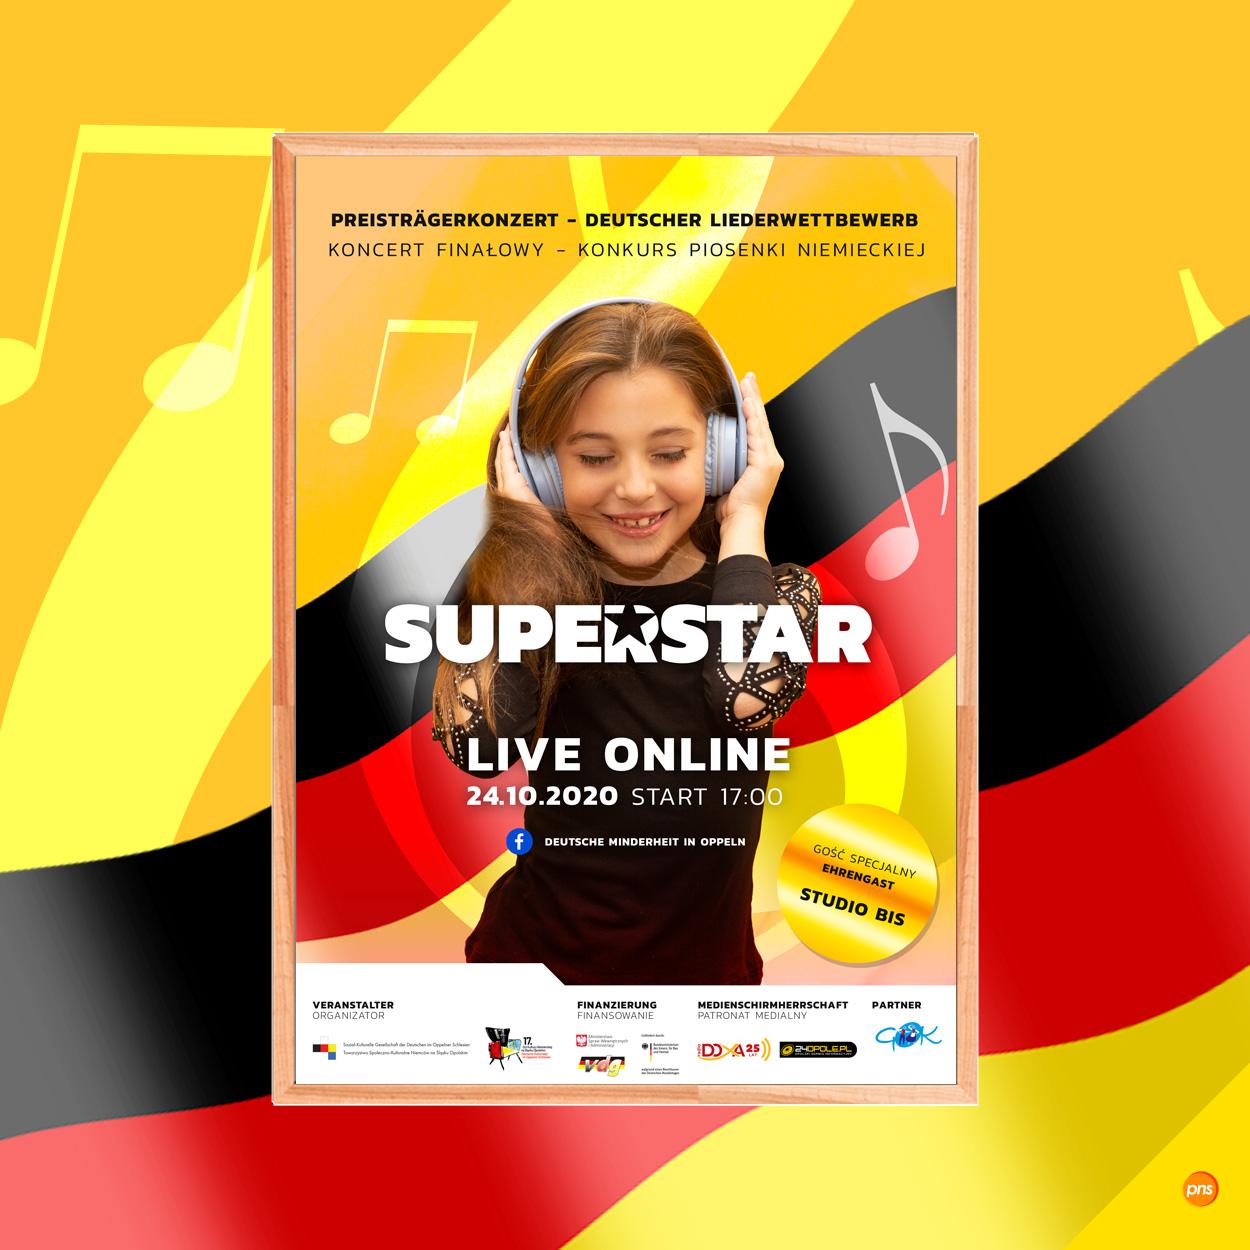 projekt graficzny plakatu event superstar - Projekt plakatu na wydarzenie - Superstar